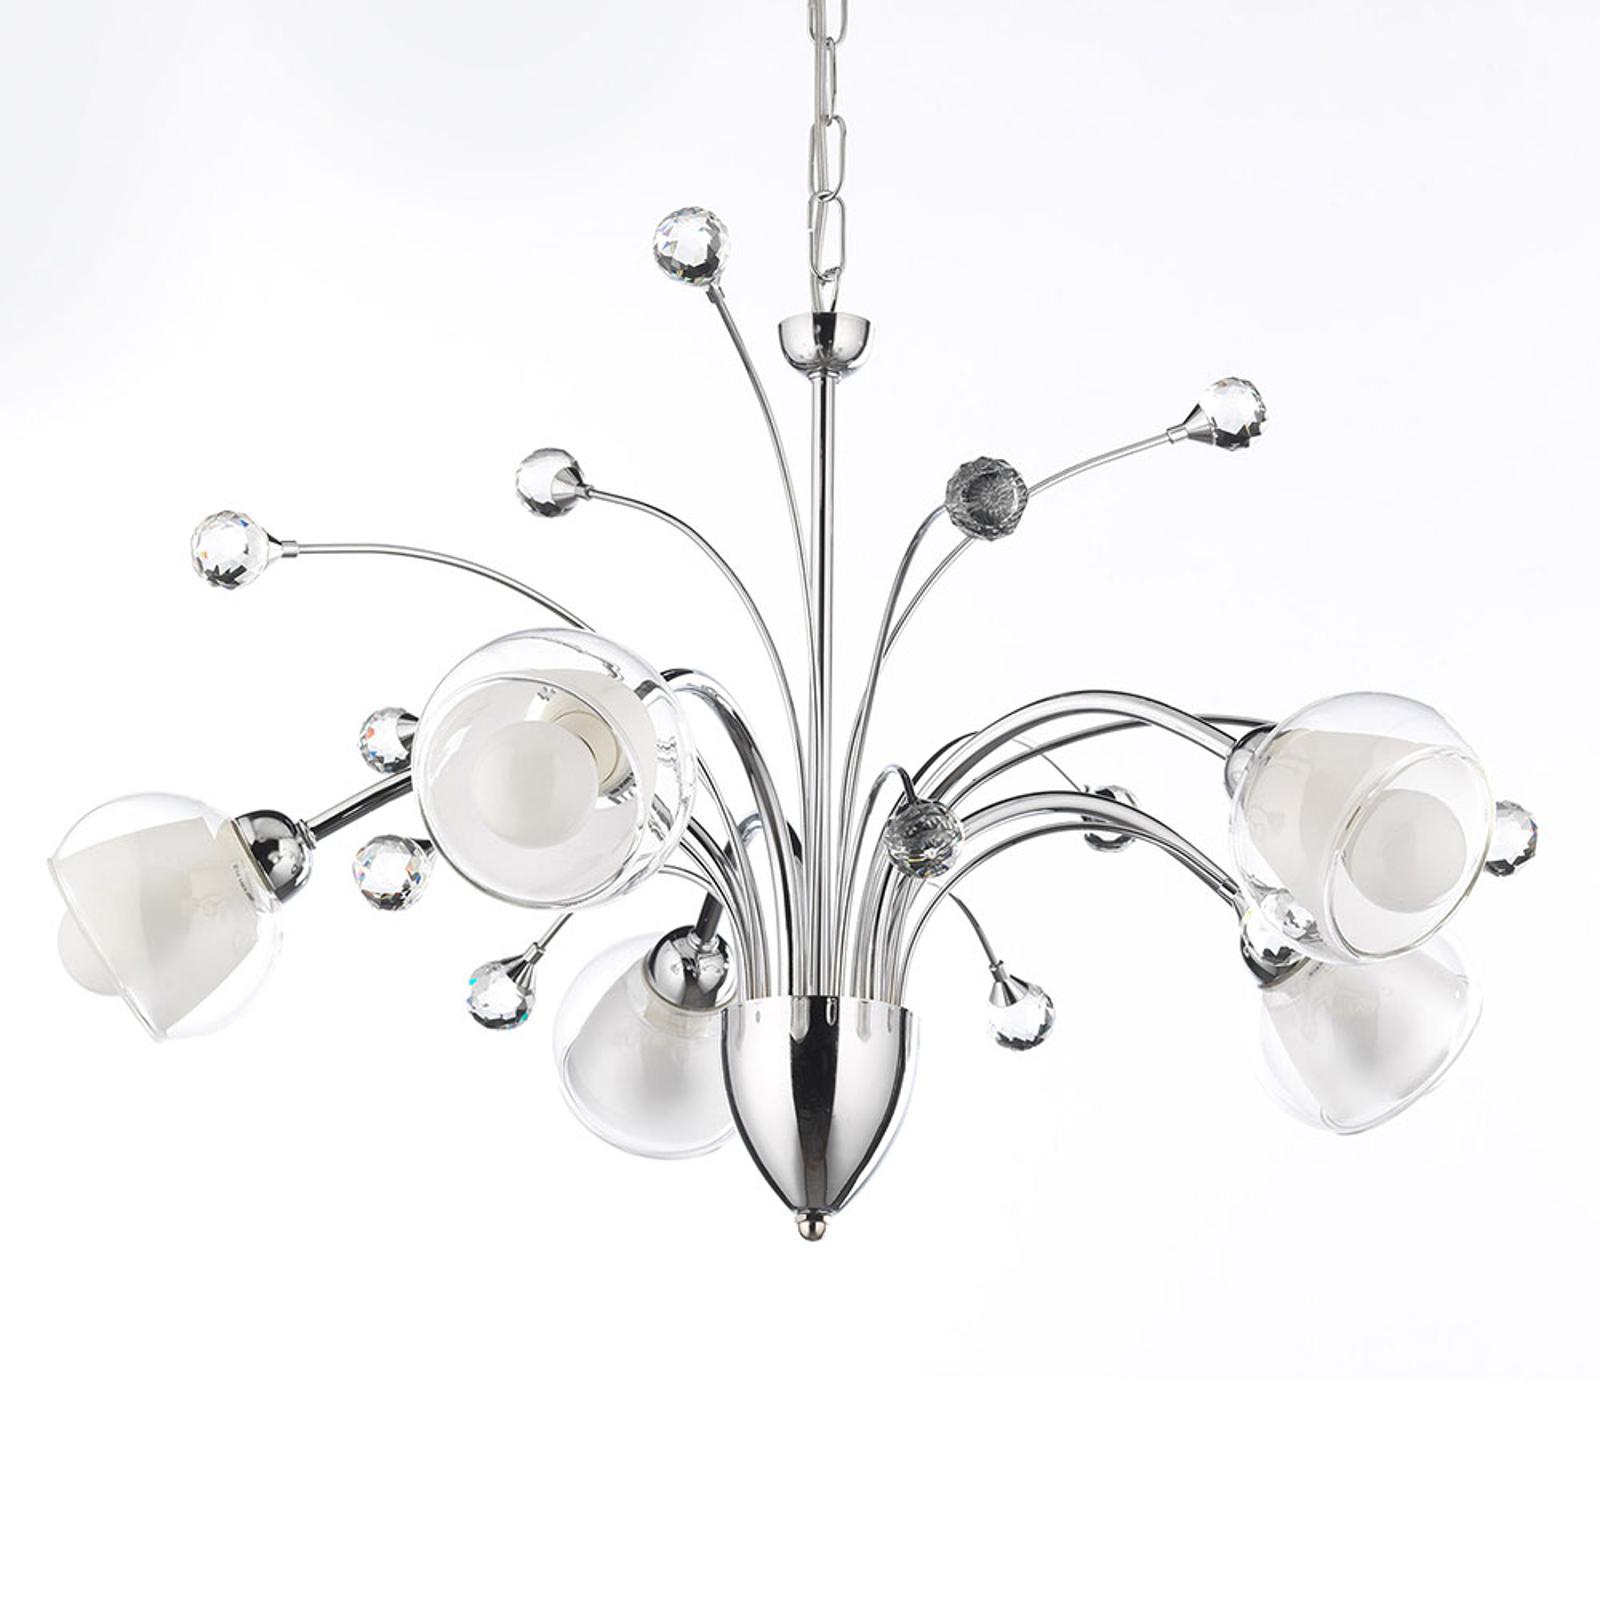 Lampa wisząca Diamante chrom pięć szklanych kloszy